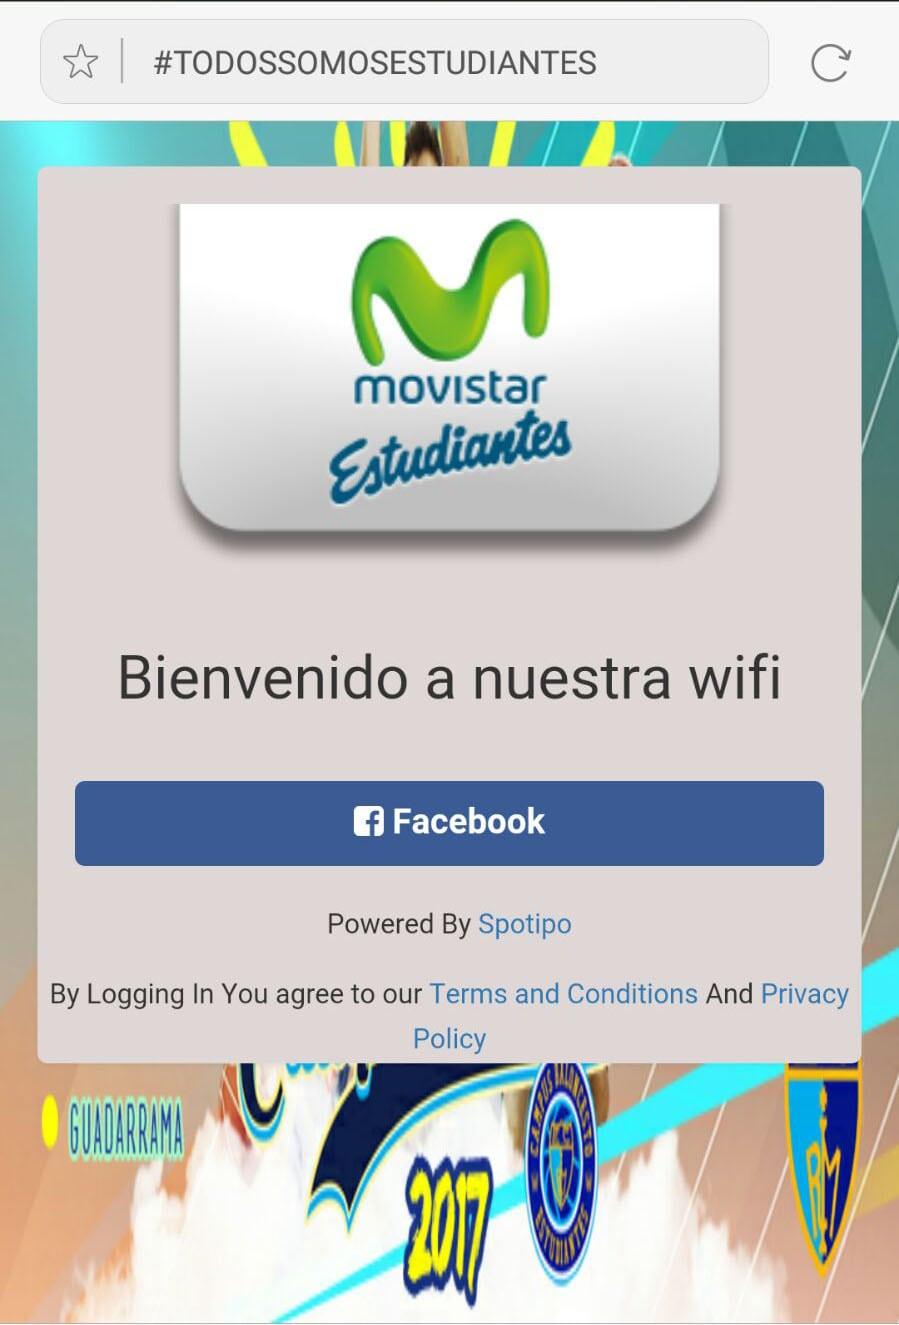 Nuevo WiFi público en Magariños: #TodosSomosEstudiantes